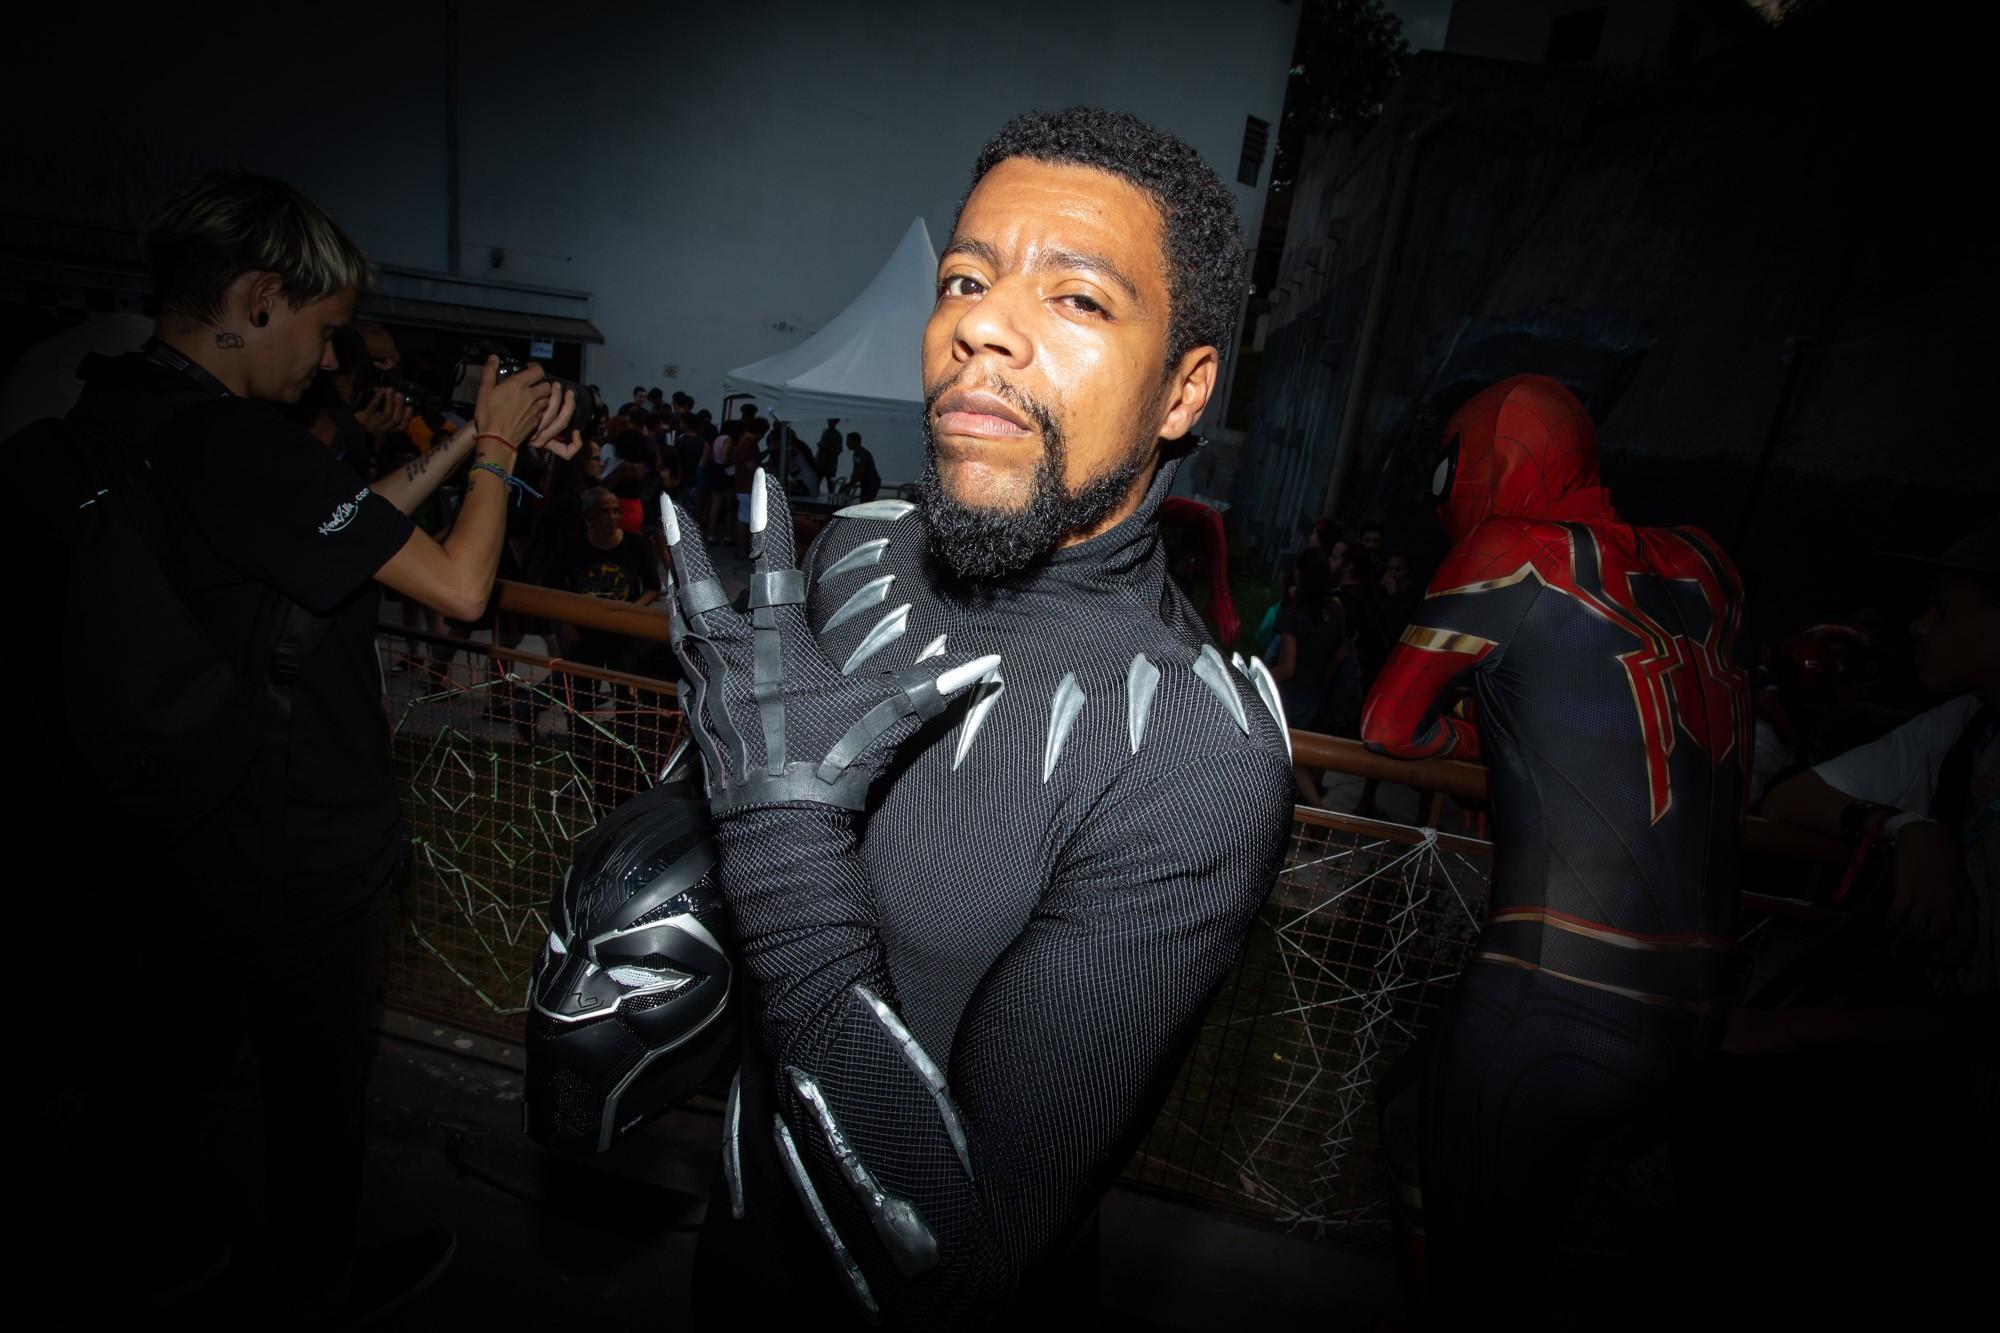 'Sósia' de Pantera Negra vence concurso de cosplay da PerifaCon, Comic Con da periferia - Noticias